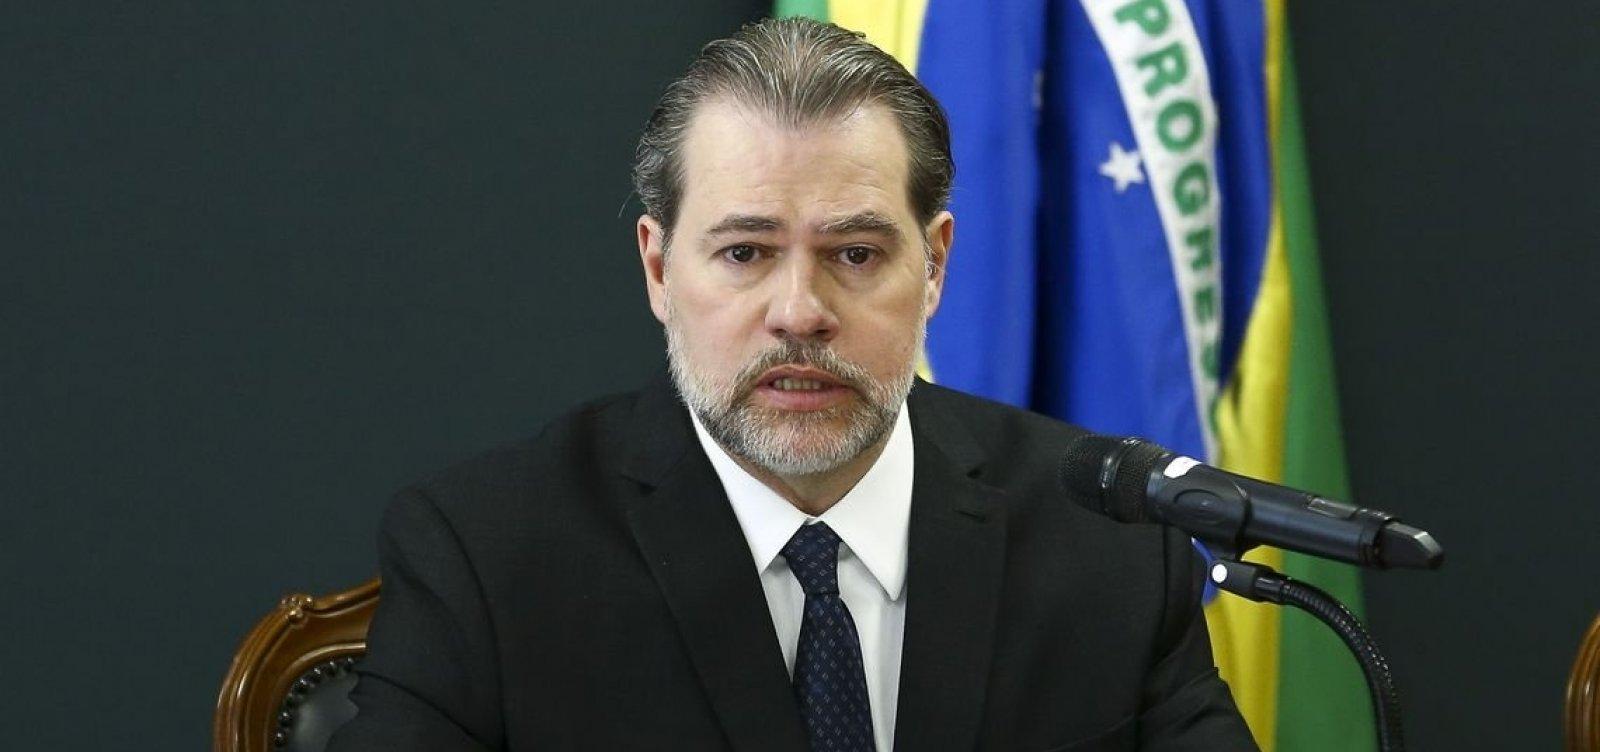 Toffoli nega pedido de Aras e mantém acesso a relatórios sigilosos